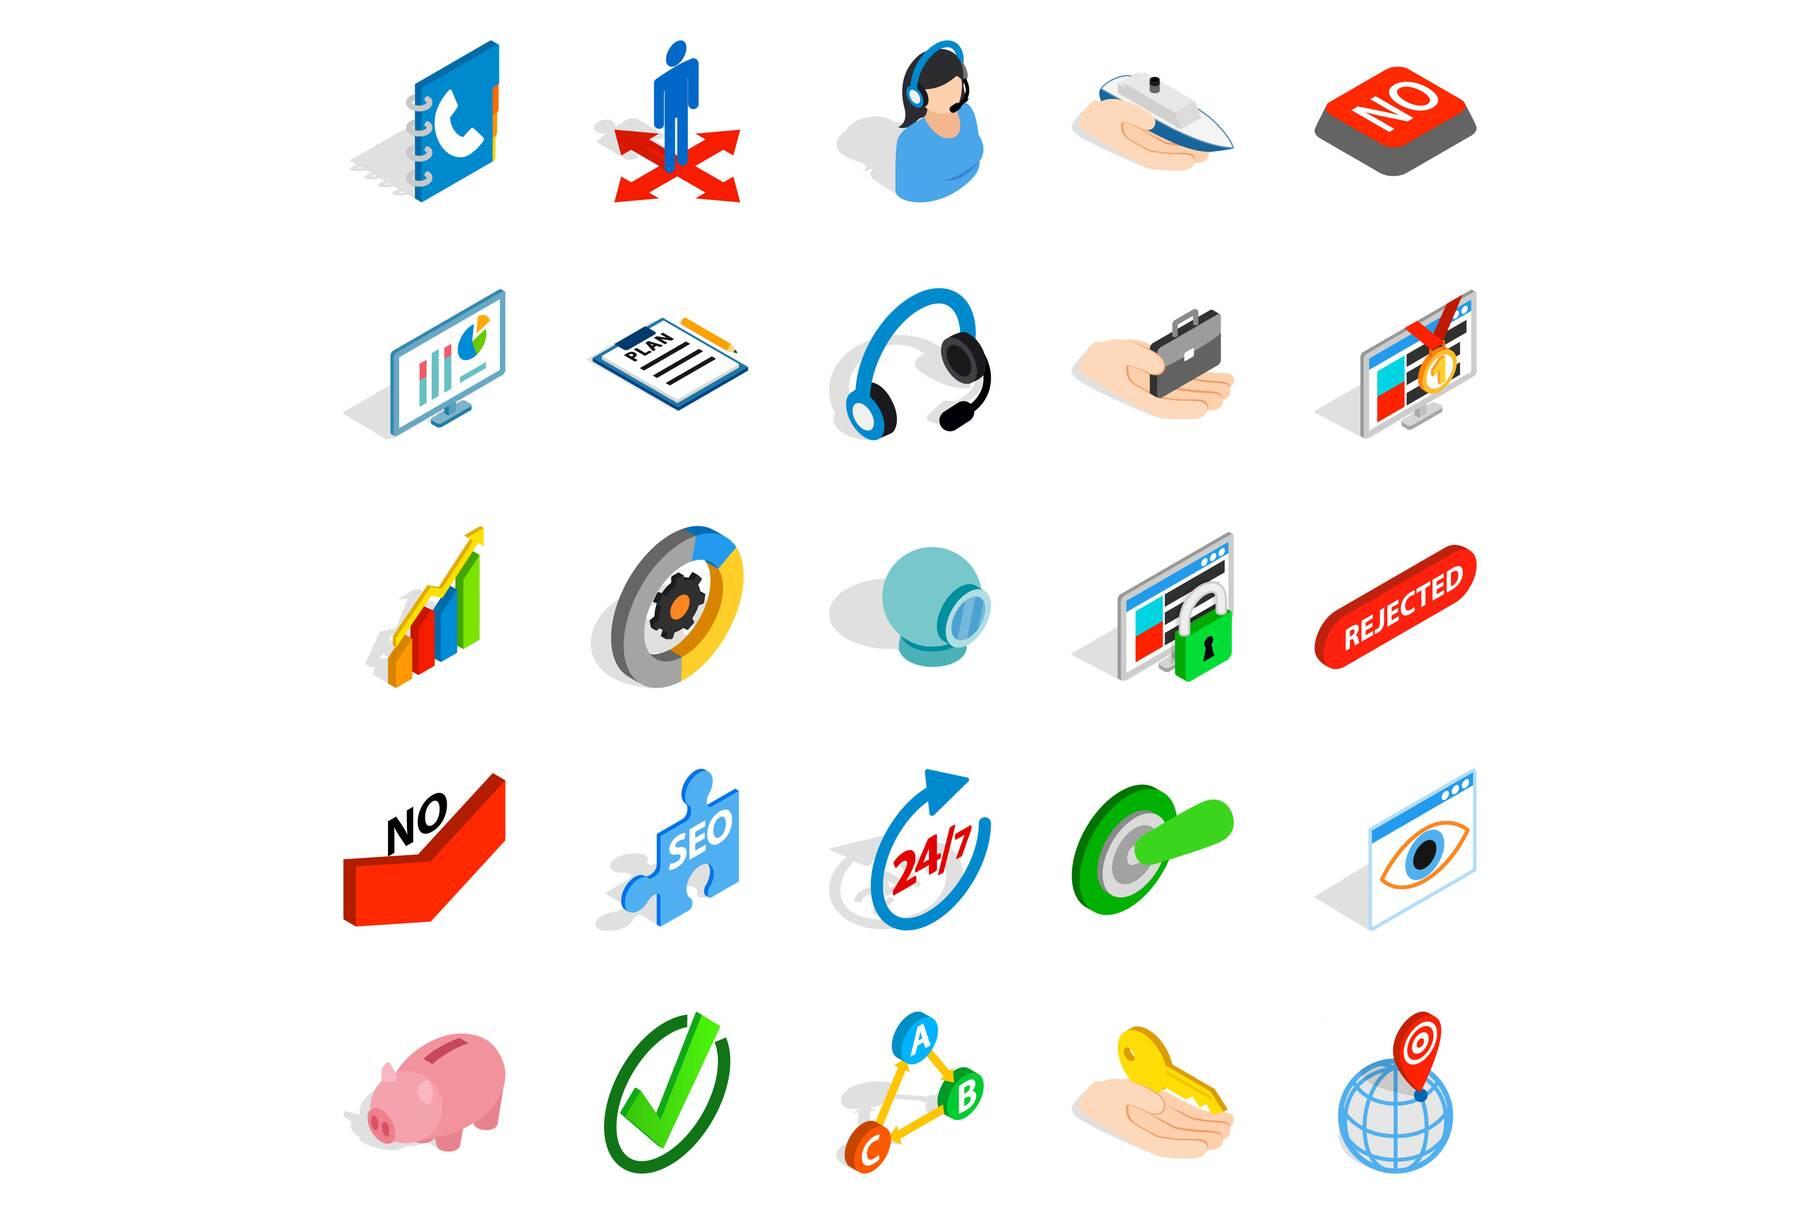 Career icons set, isometric style example image 1